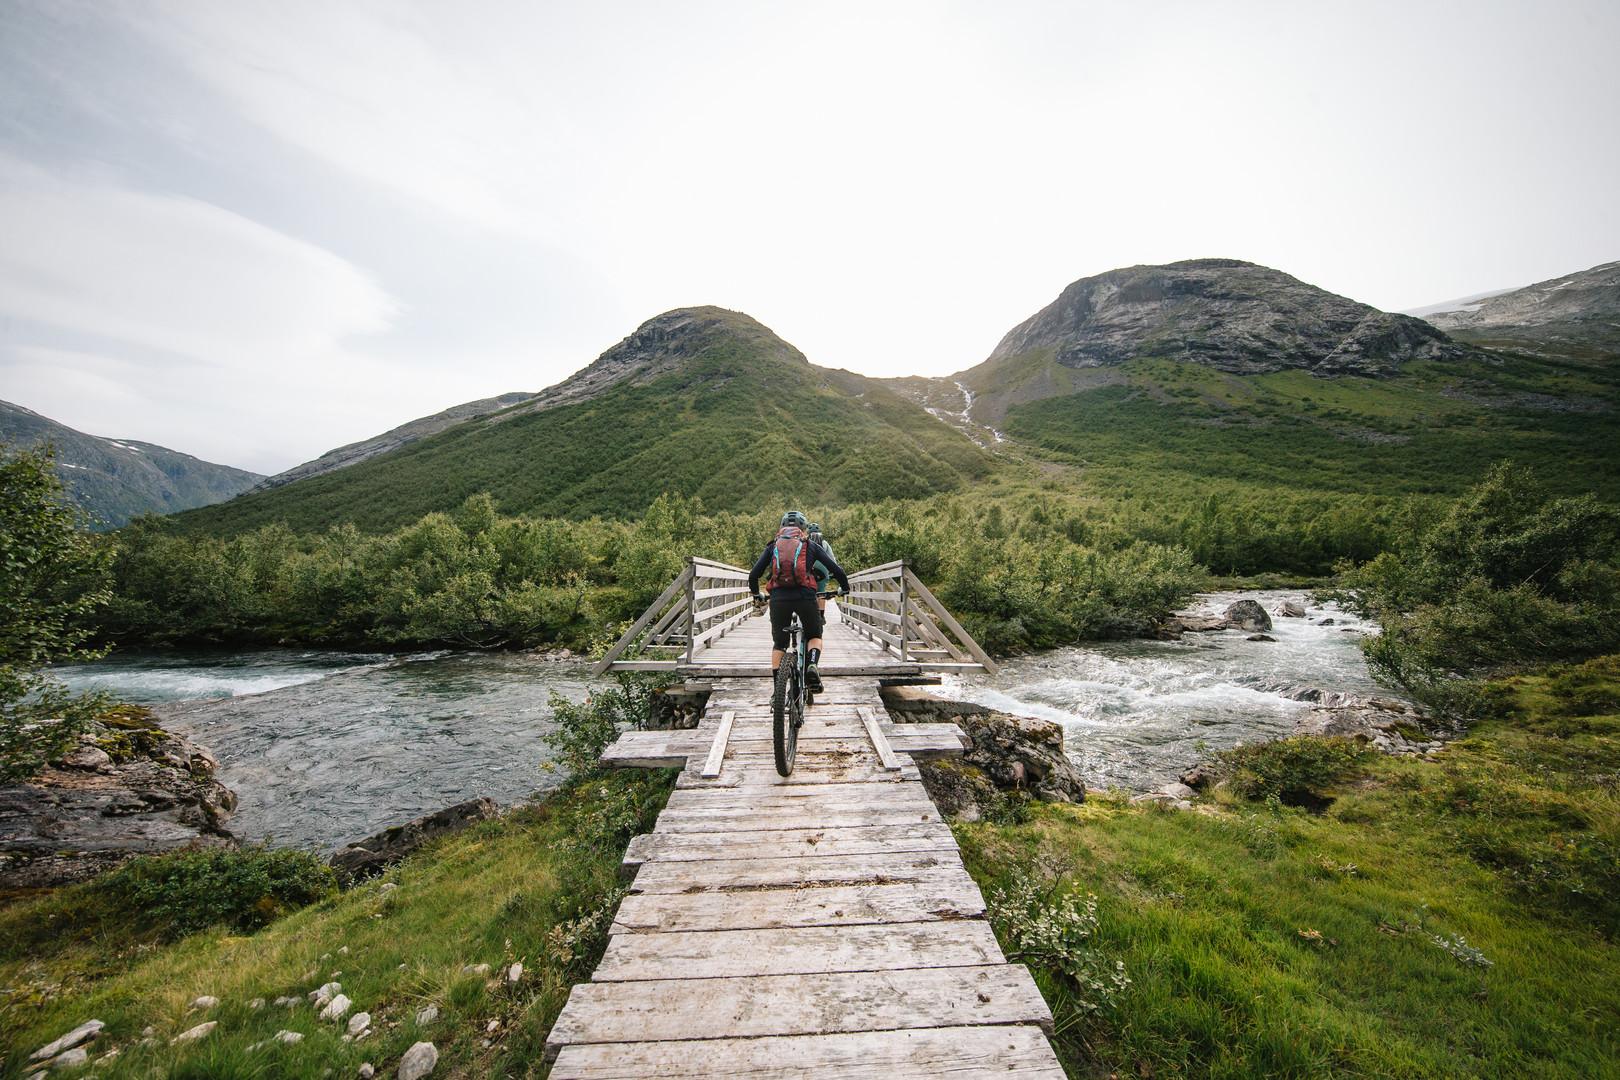 Tina Gerber exploring Norway